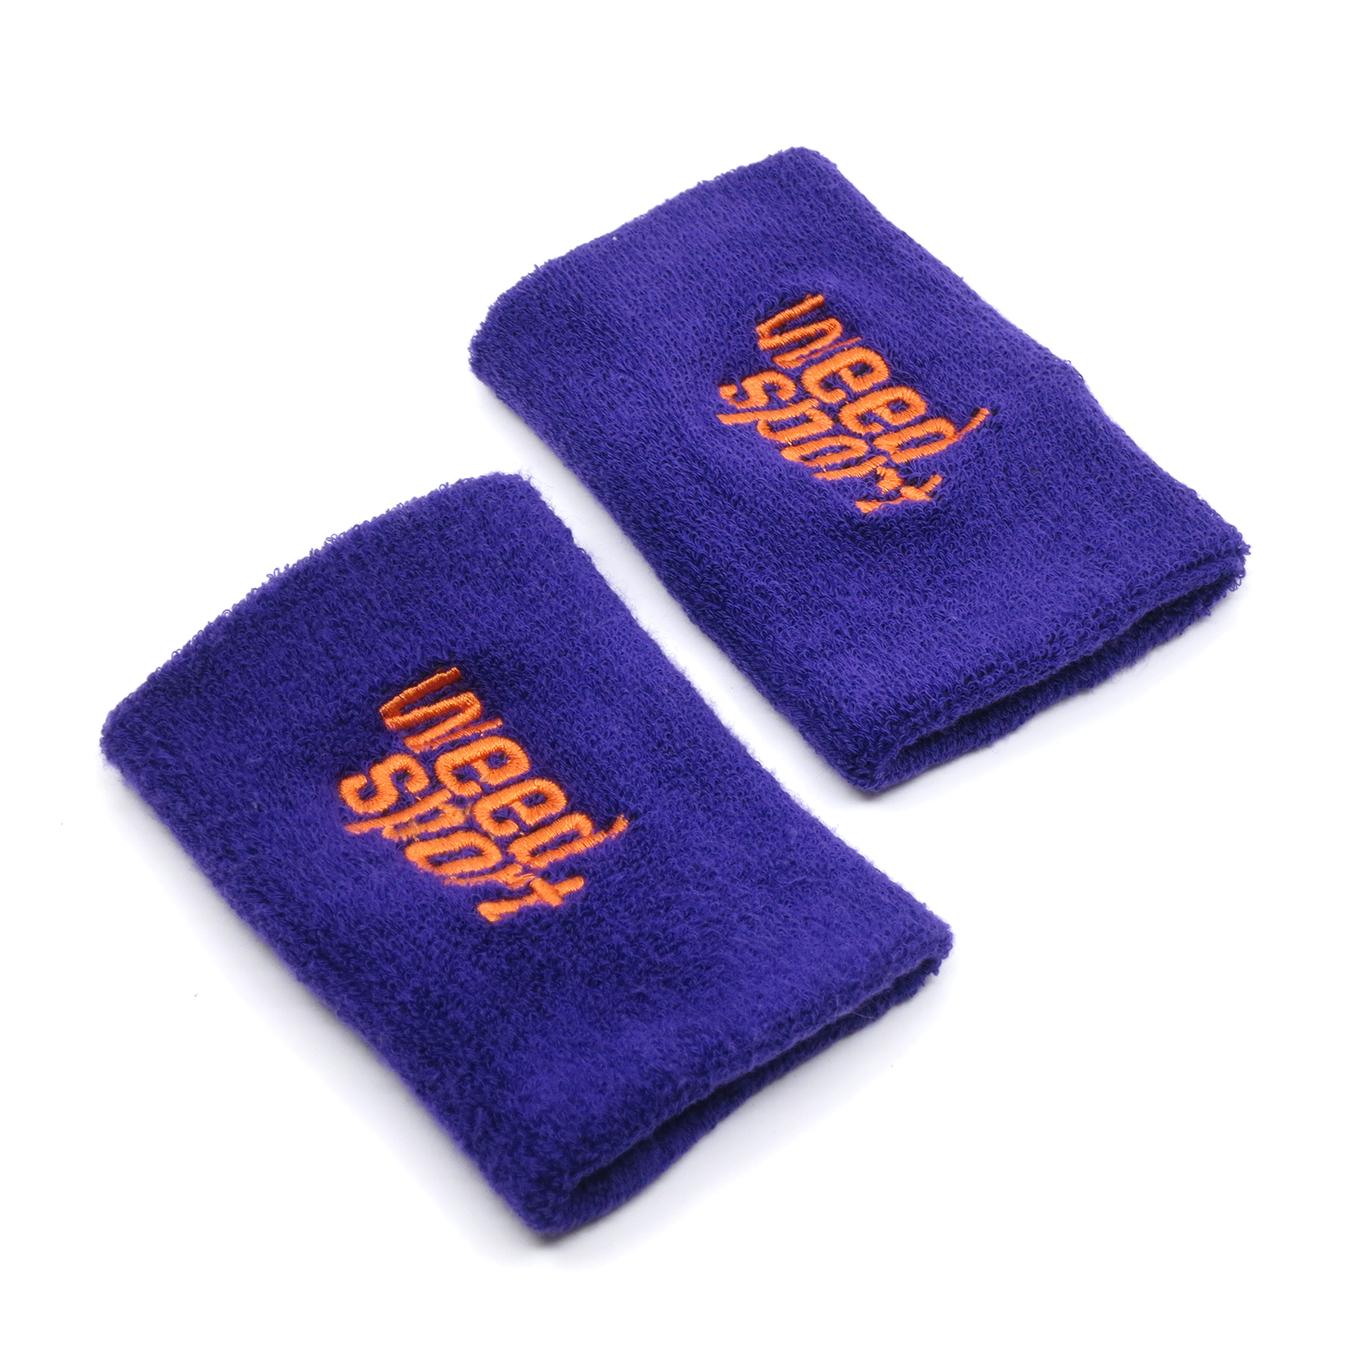 Big Wristbands (Purple/Orange)